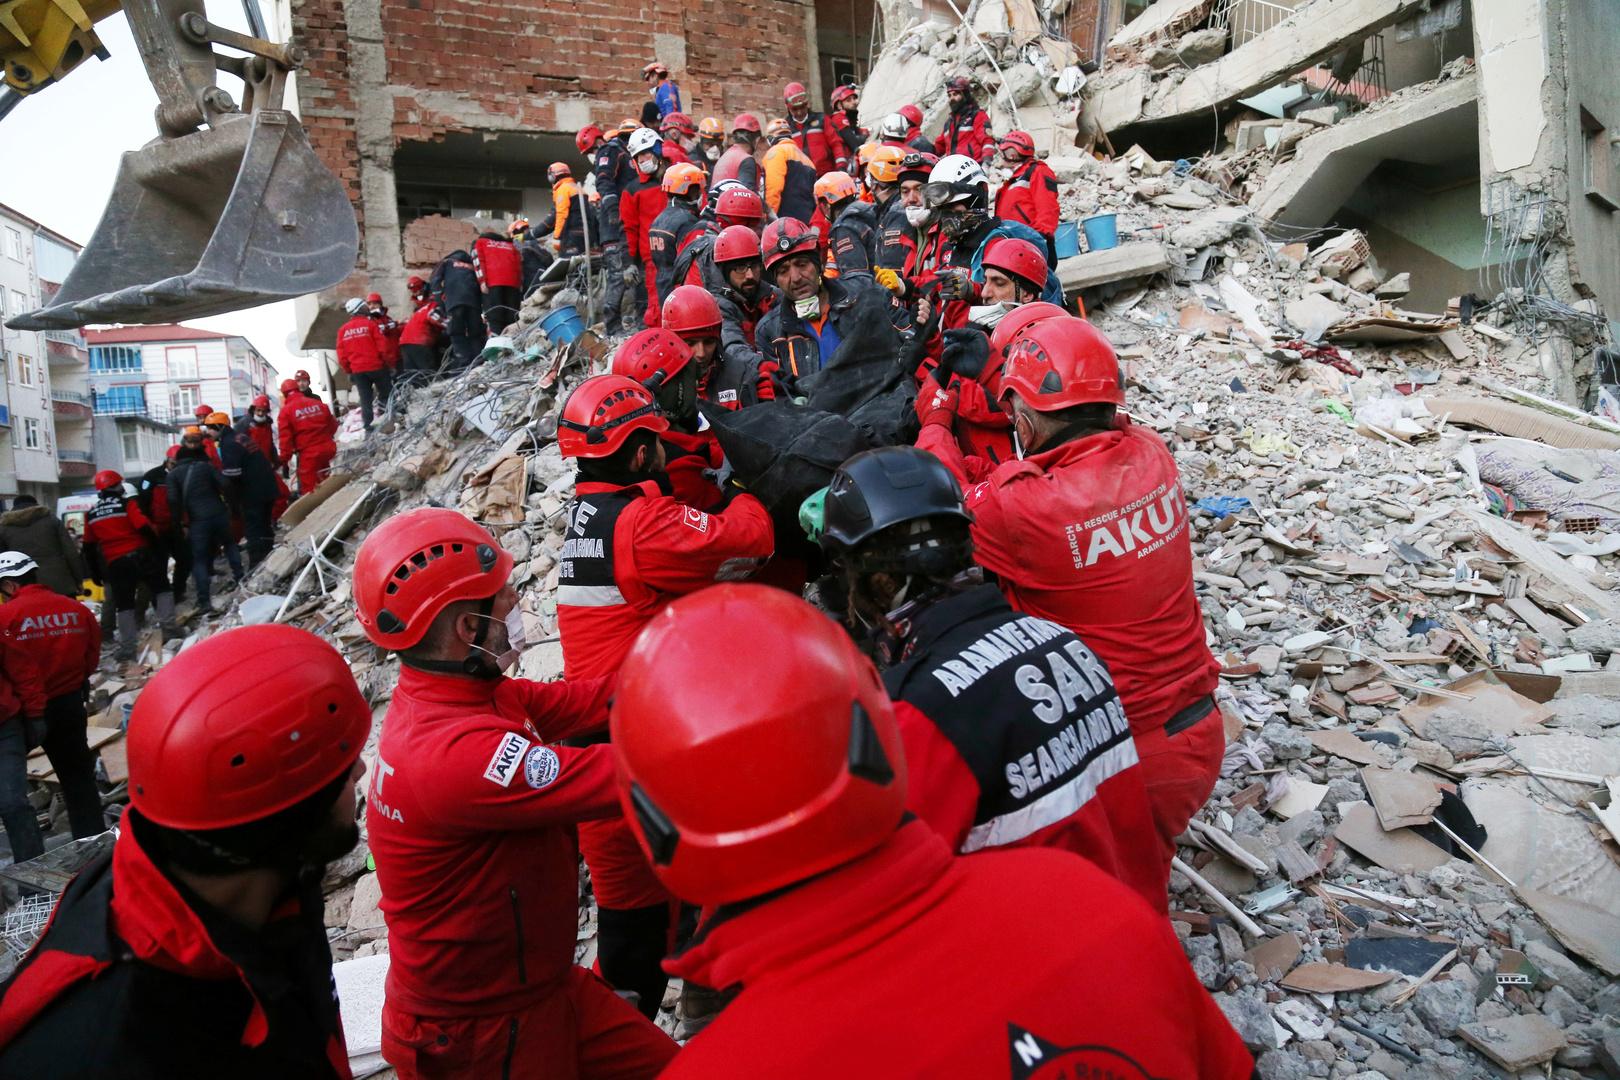 ارتفاع حصيلة قتلى الزلزال في تركيا إلى 29